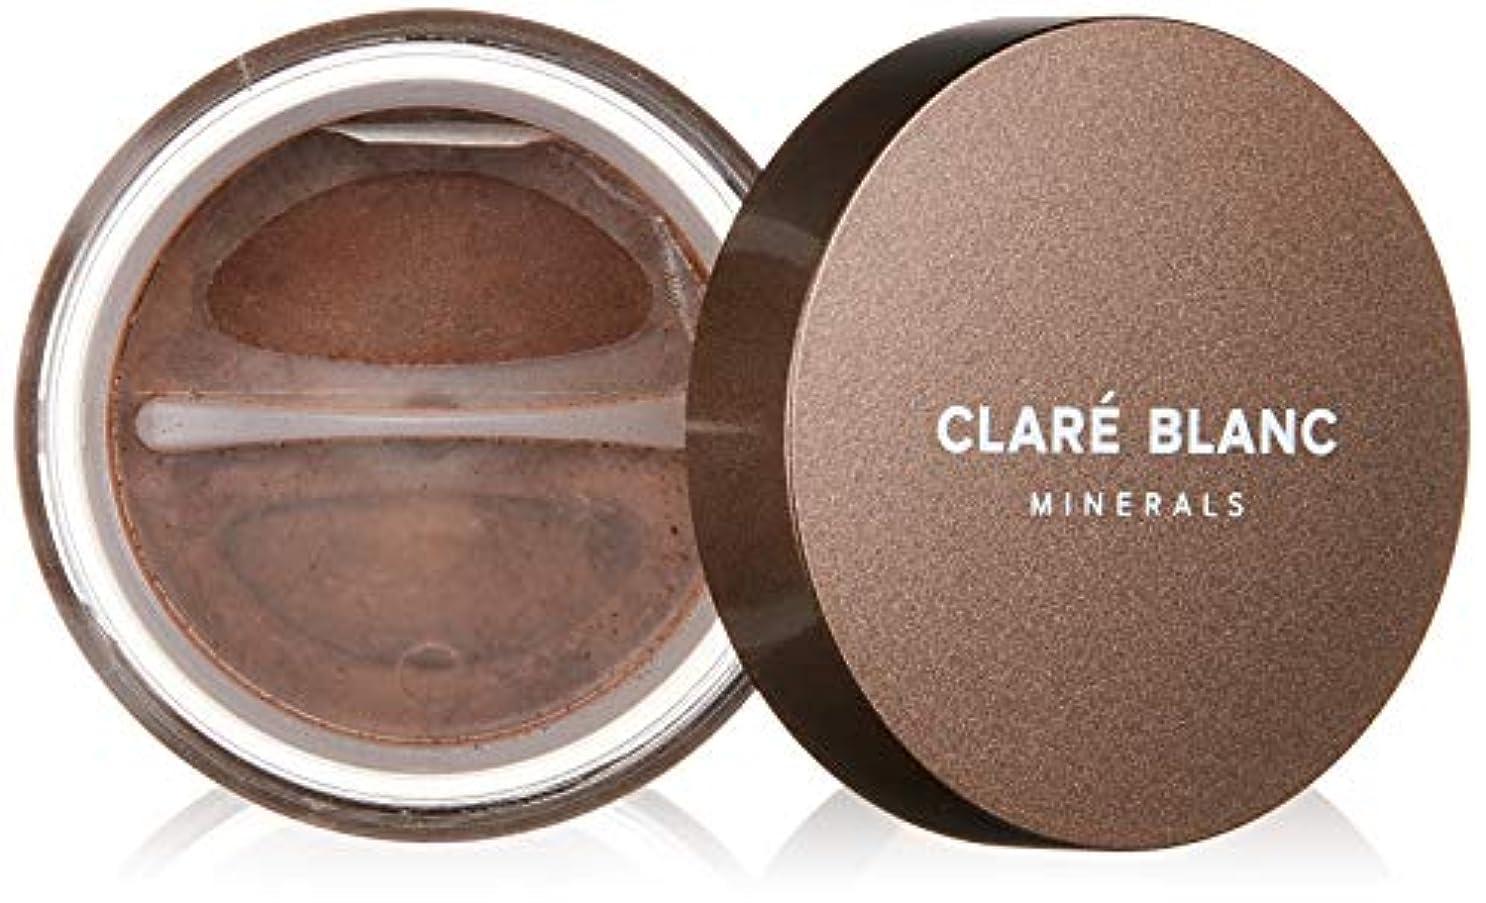 CLARE BLANC(クラレブラン) ミネラルアイブロウ 802 DARK BROWN